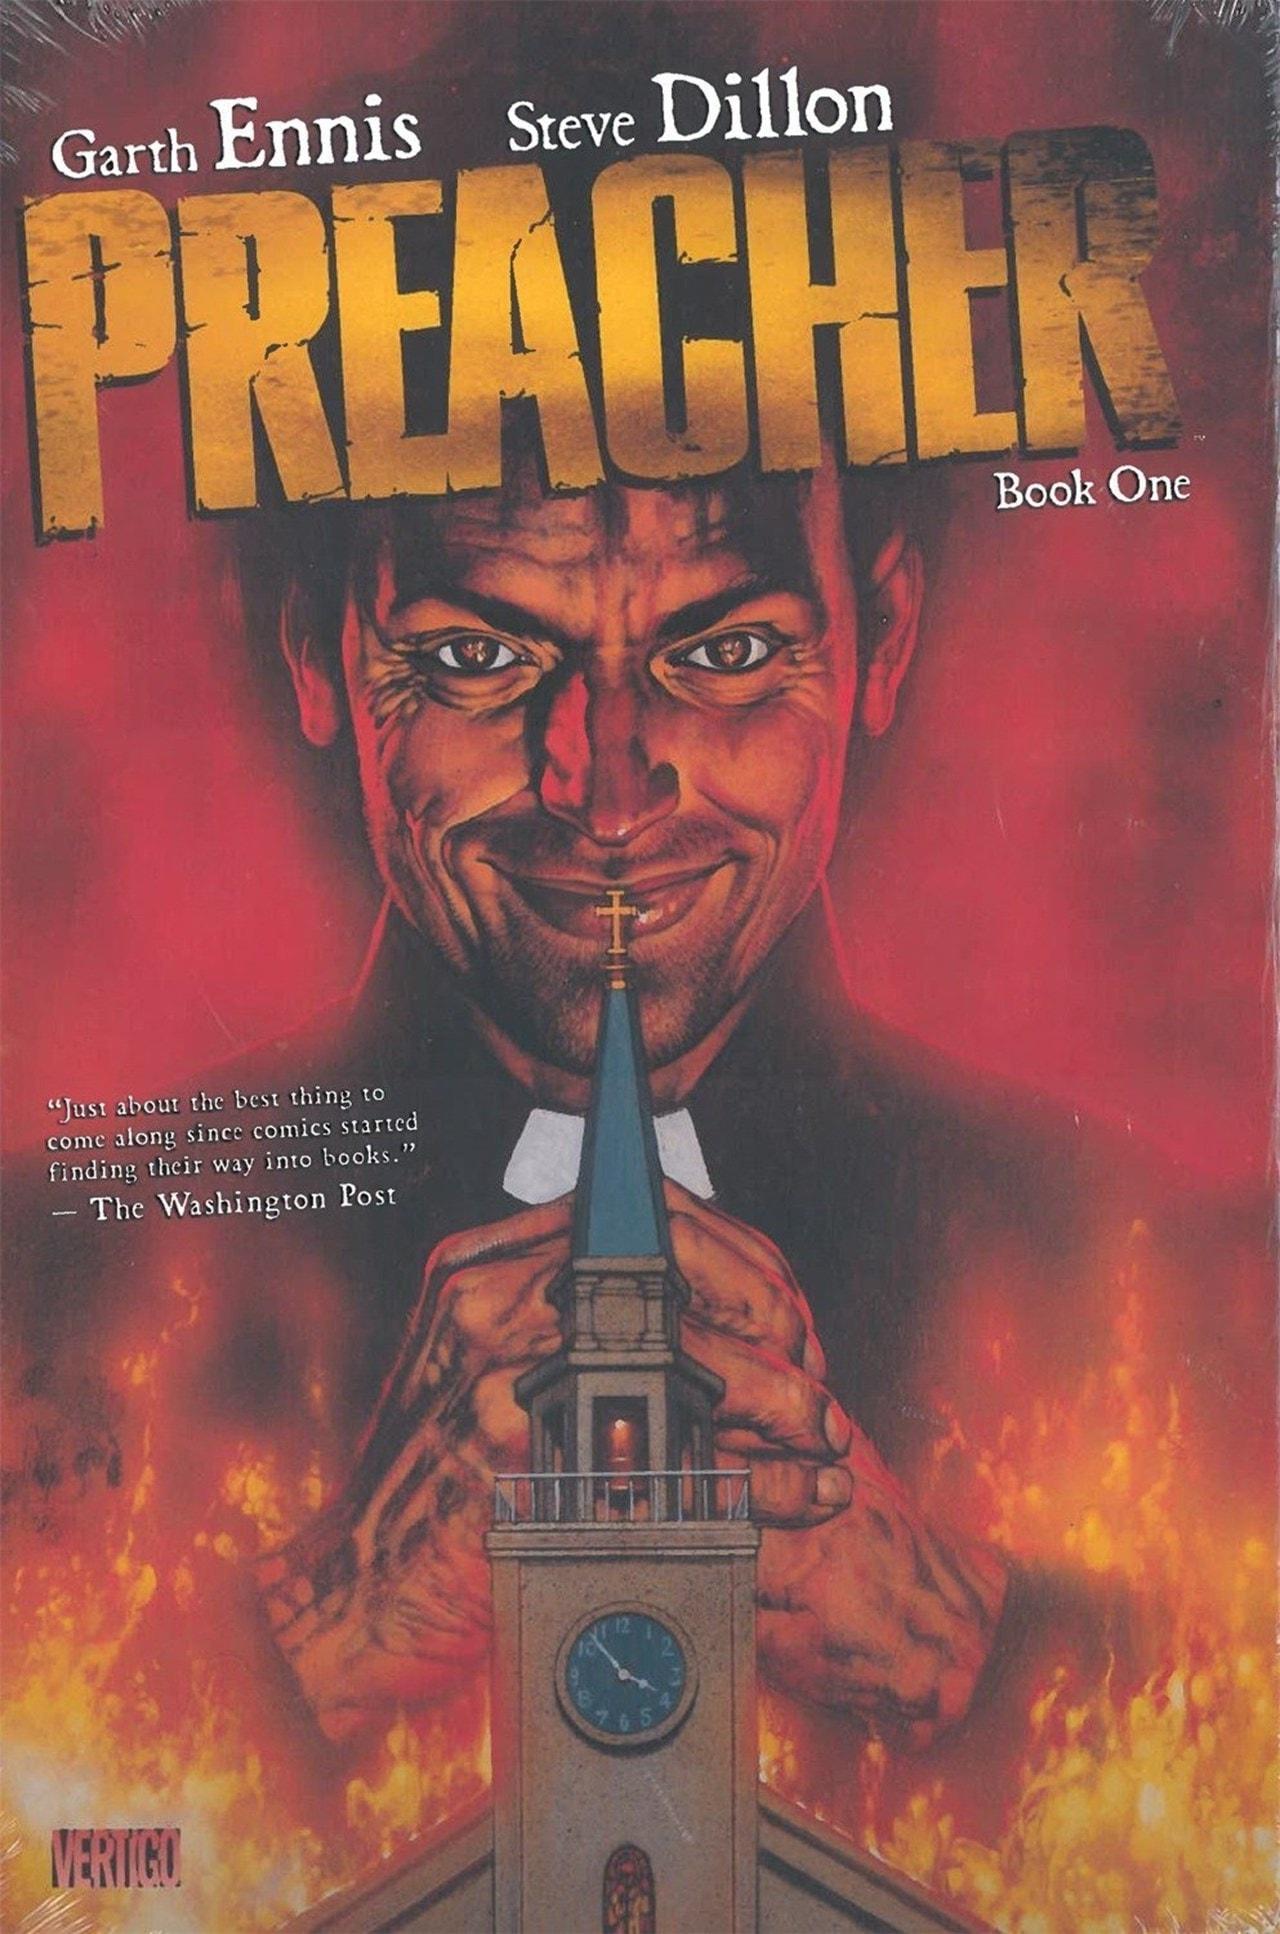 Preacher Book 1 - 1